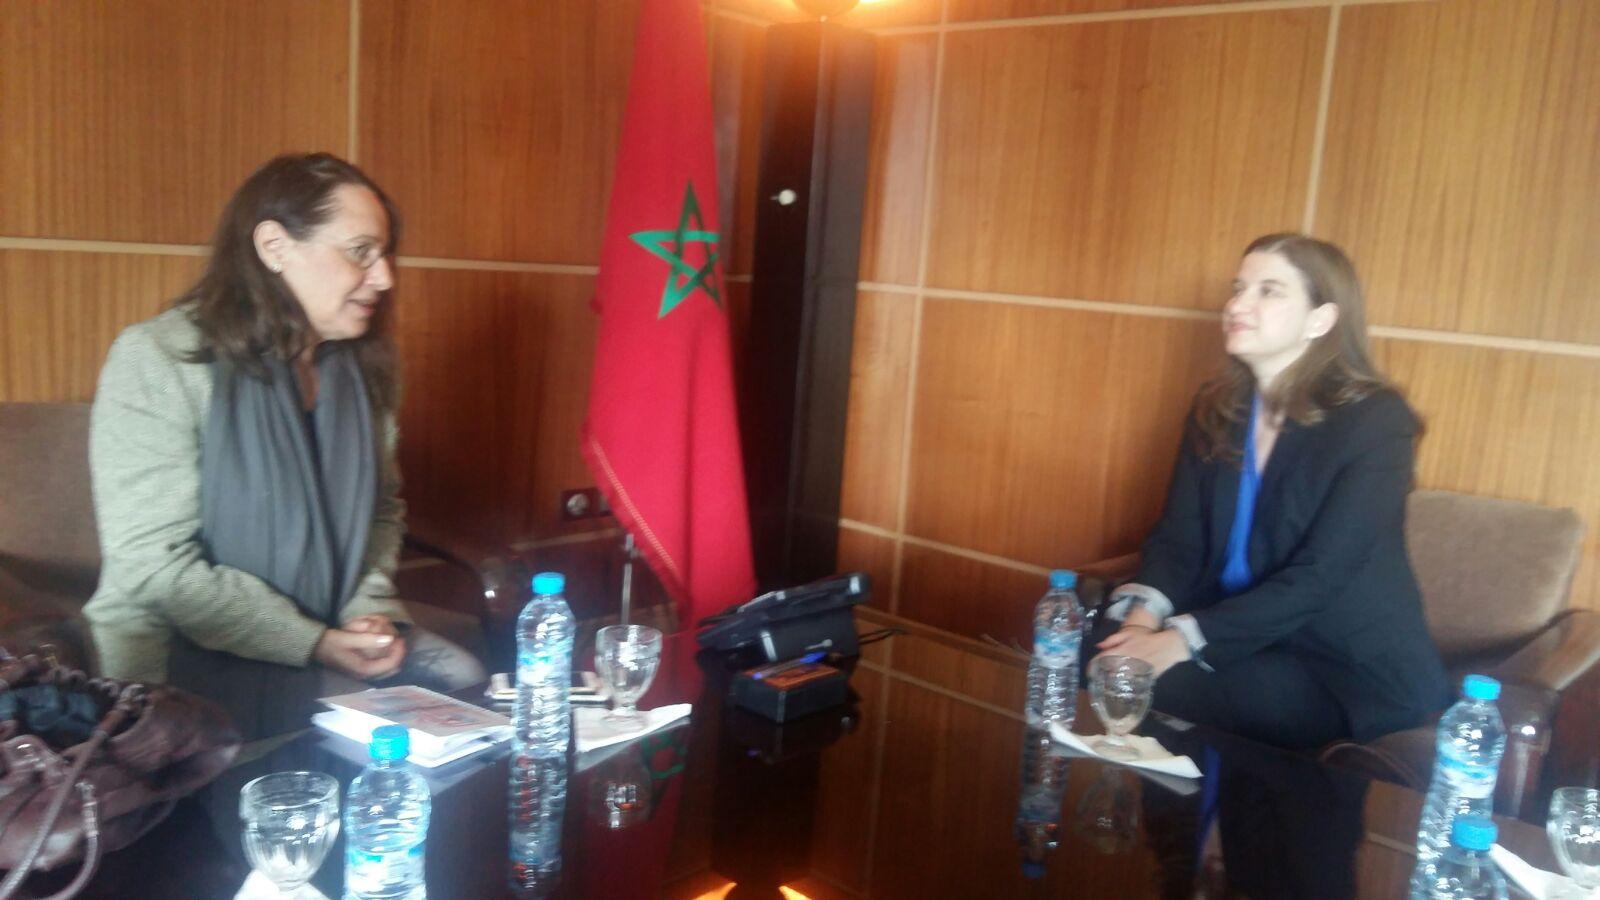 Aouatif Berdeai, Vice Présidente chargée de la Coopération Décentralisée reçoit son Excellence Nathalie Dubé, Ambassadrice du Canada Au Maroc